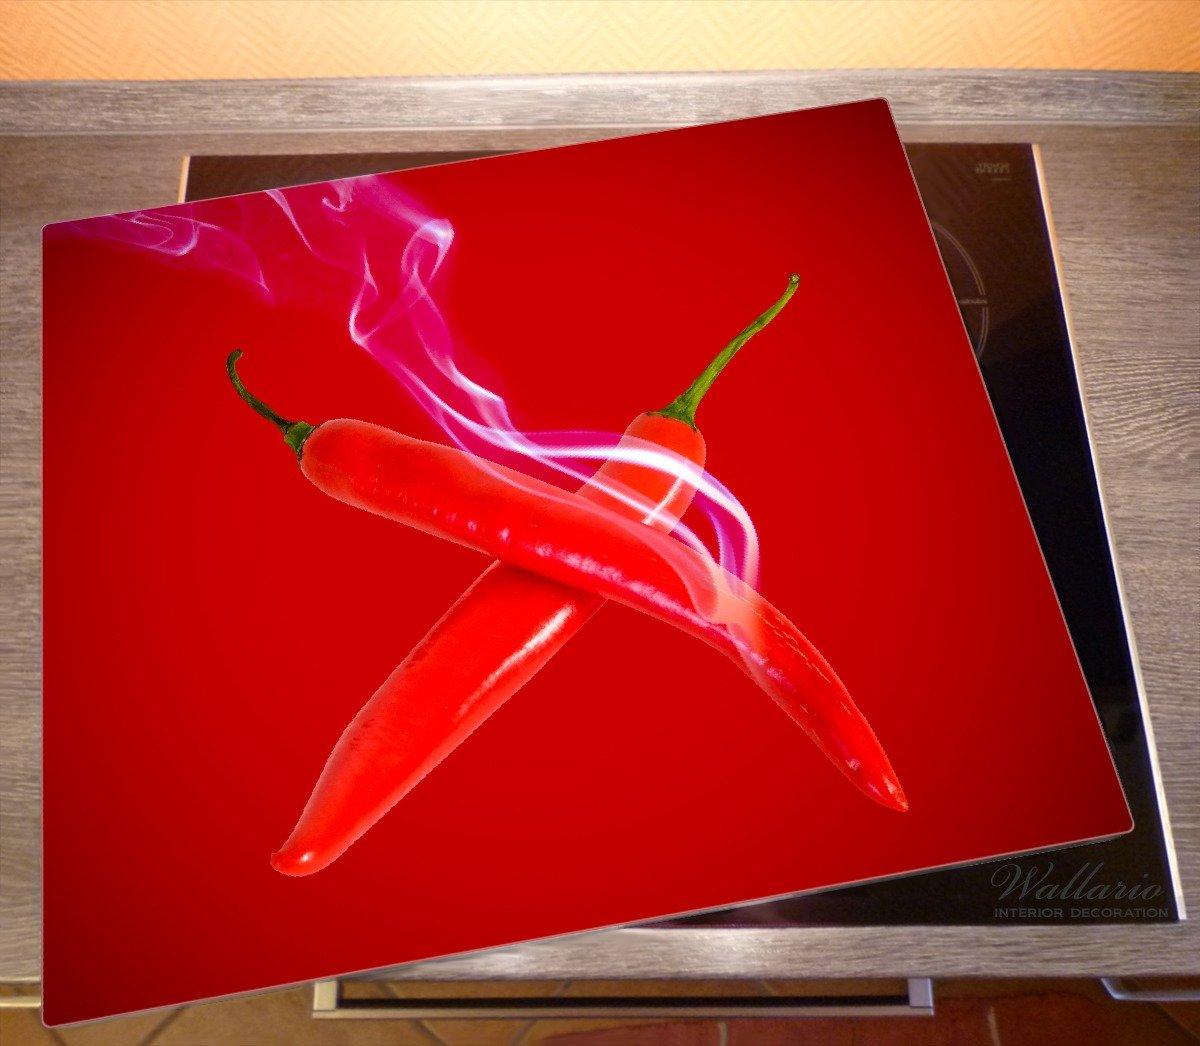 80x52cm Rauchende Chili-Schote an Wallario Herdabdeckplatte 1-teilig aus Glas